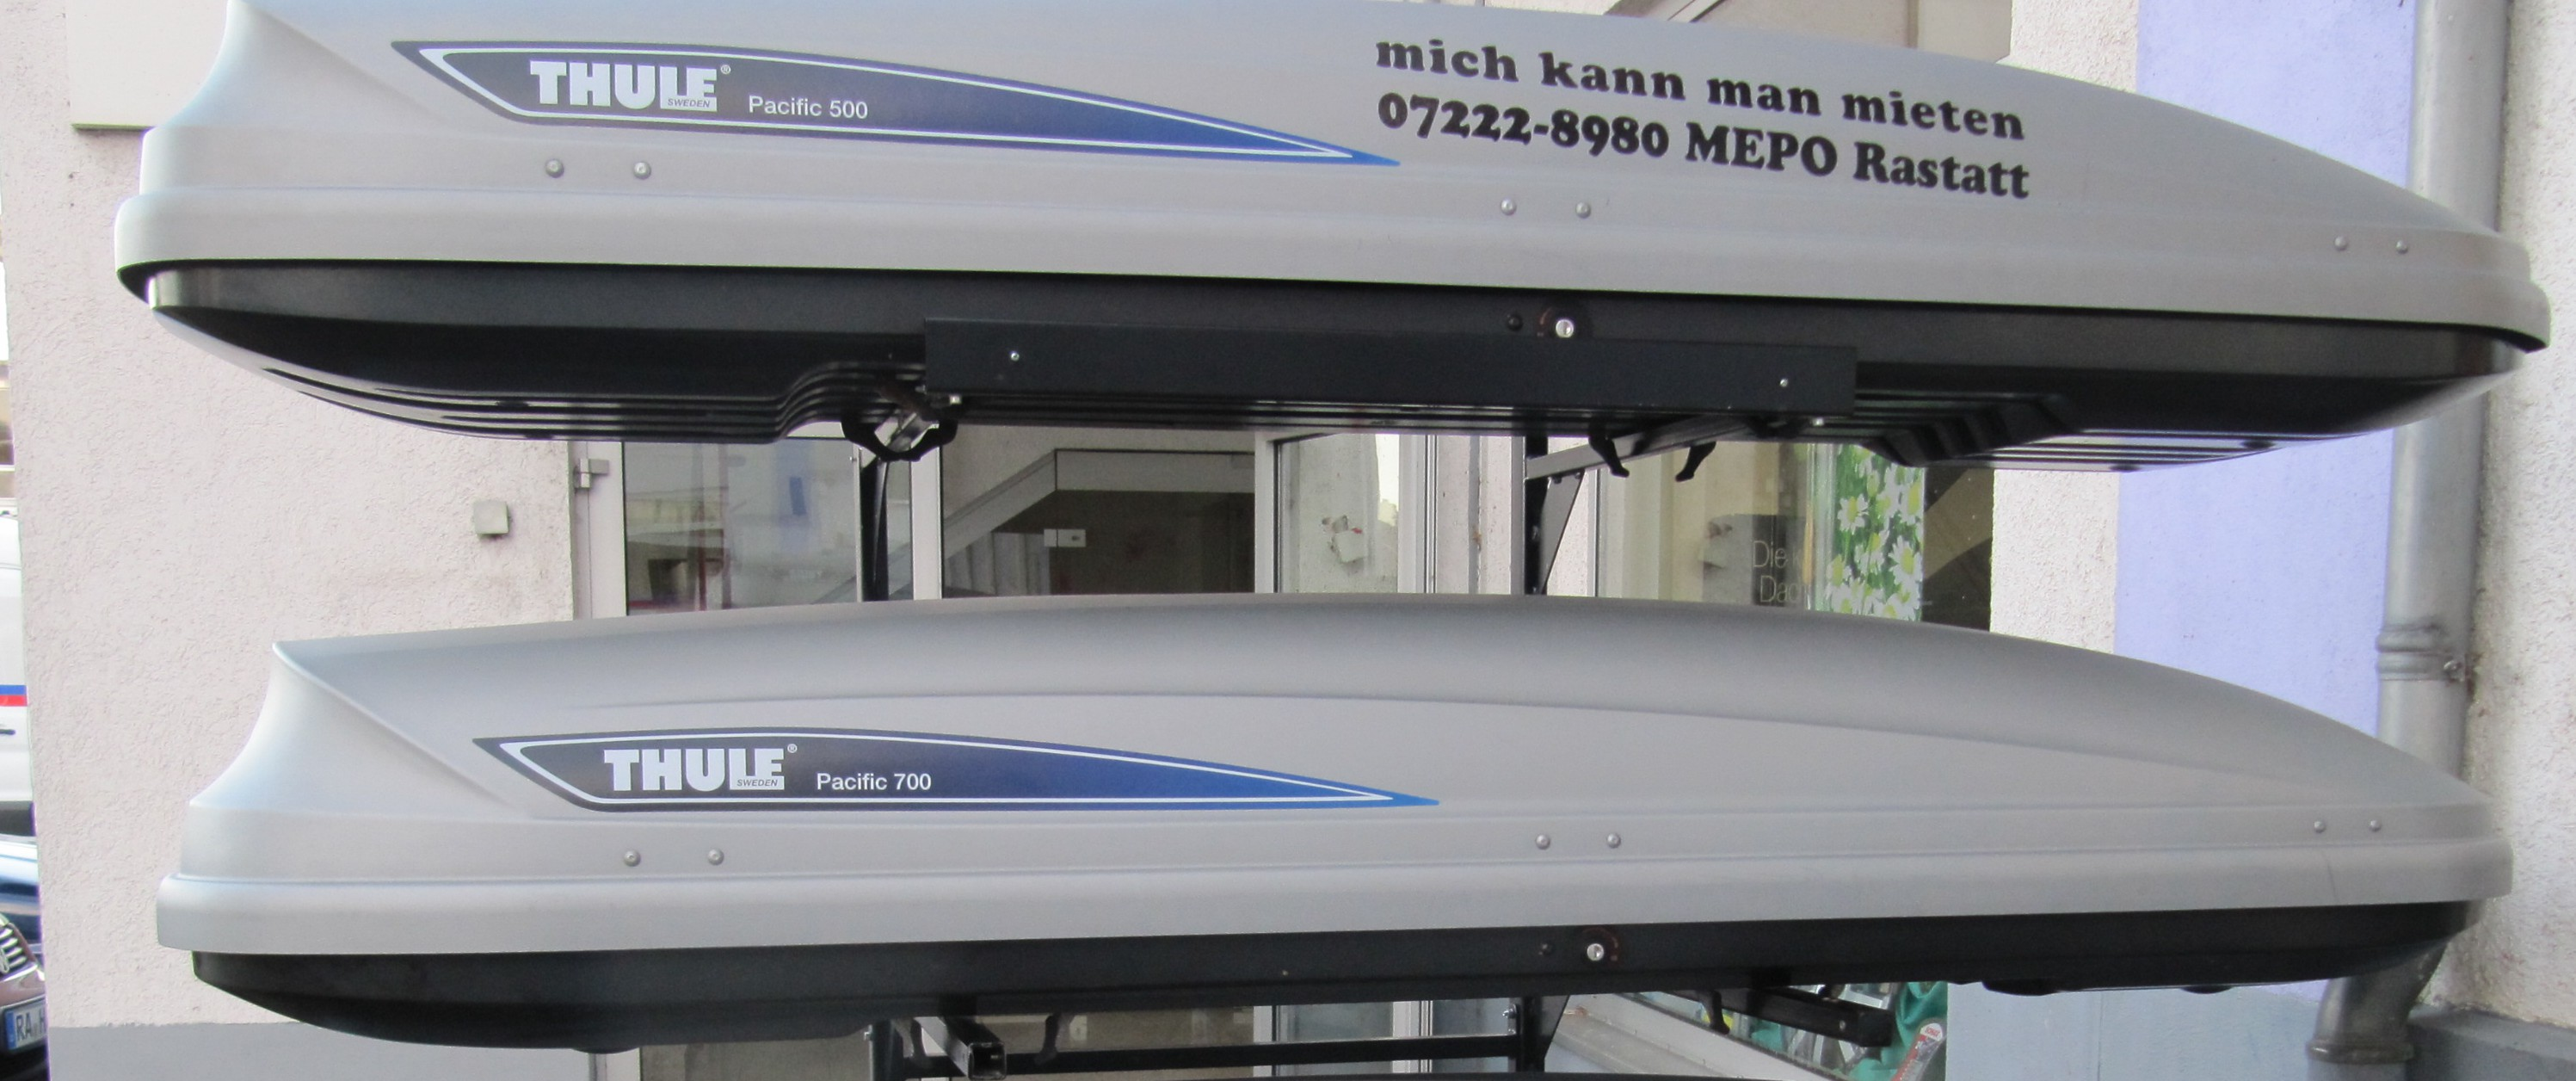 Thule Dachboxen -Verkauf / Vermietung-